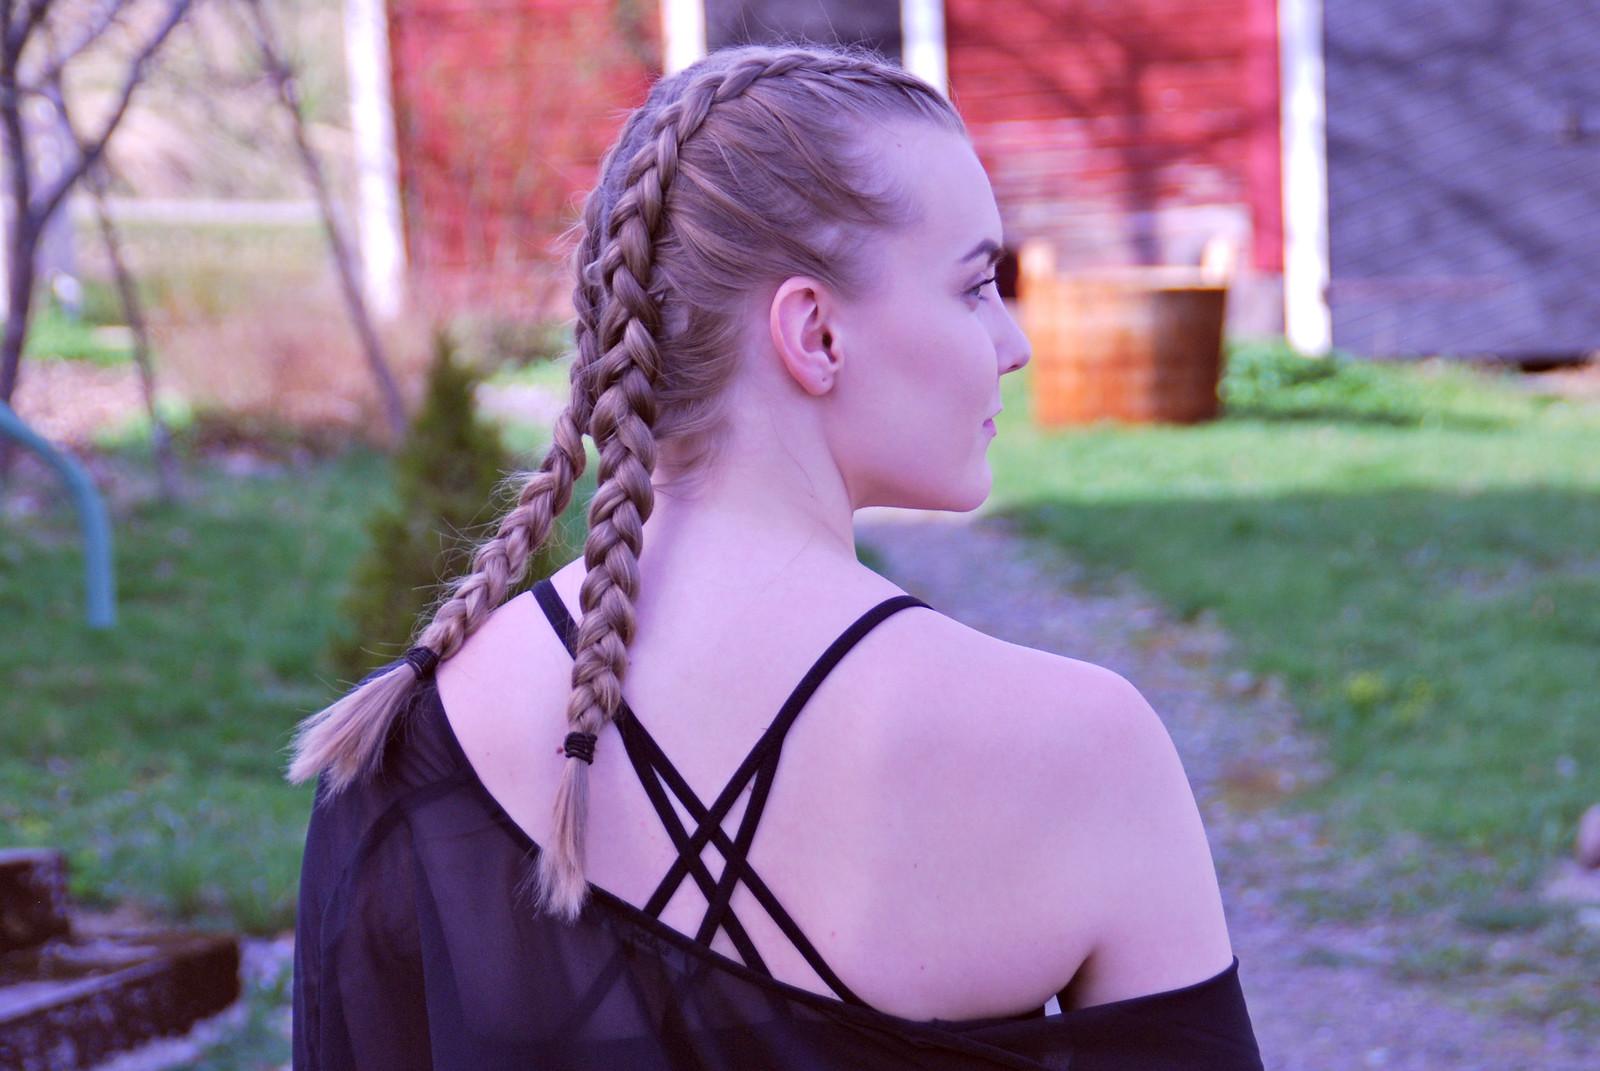 The braids